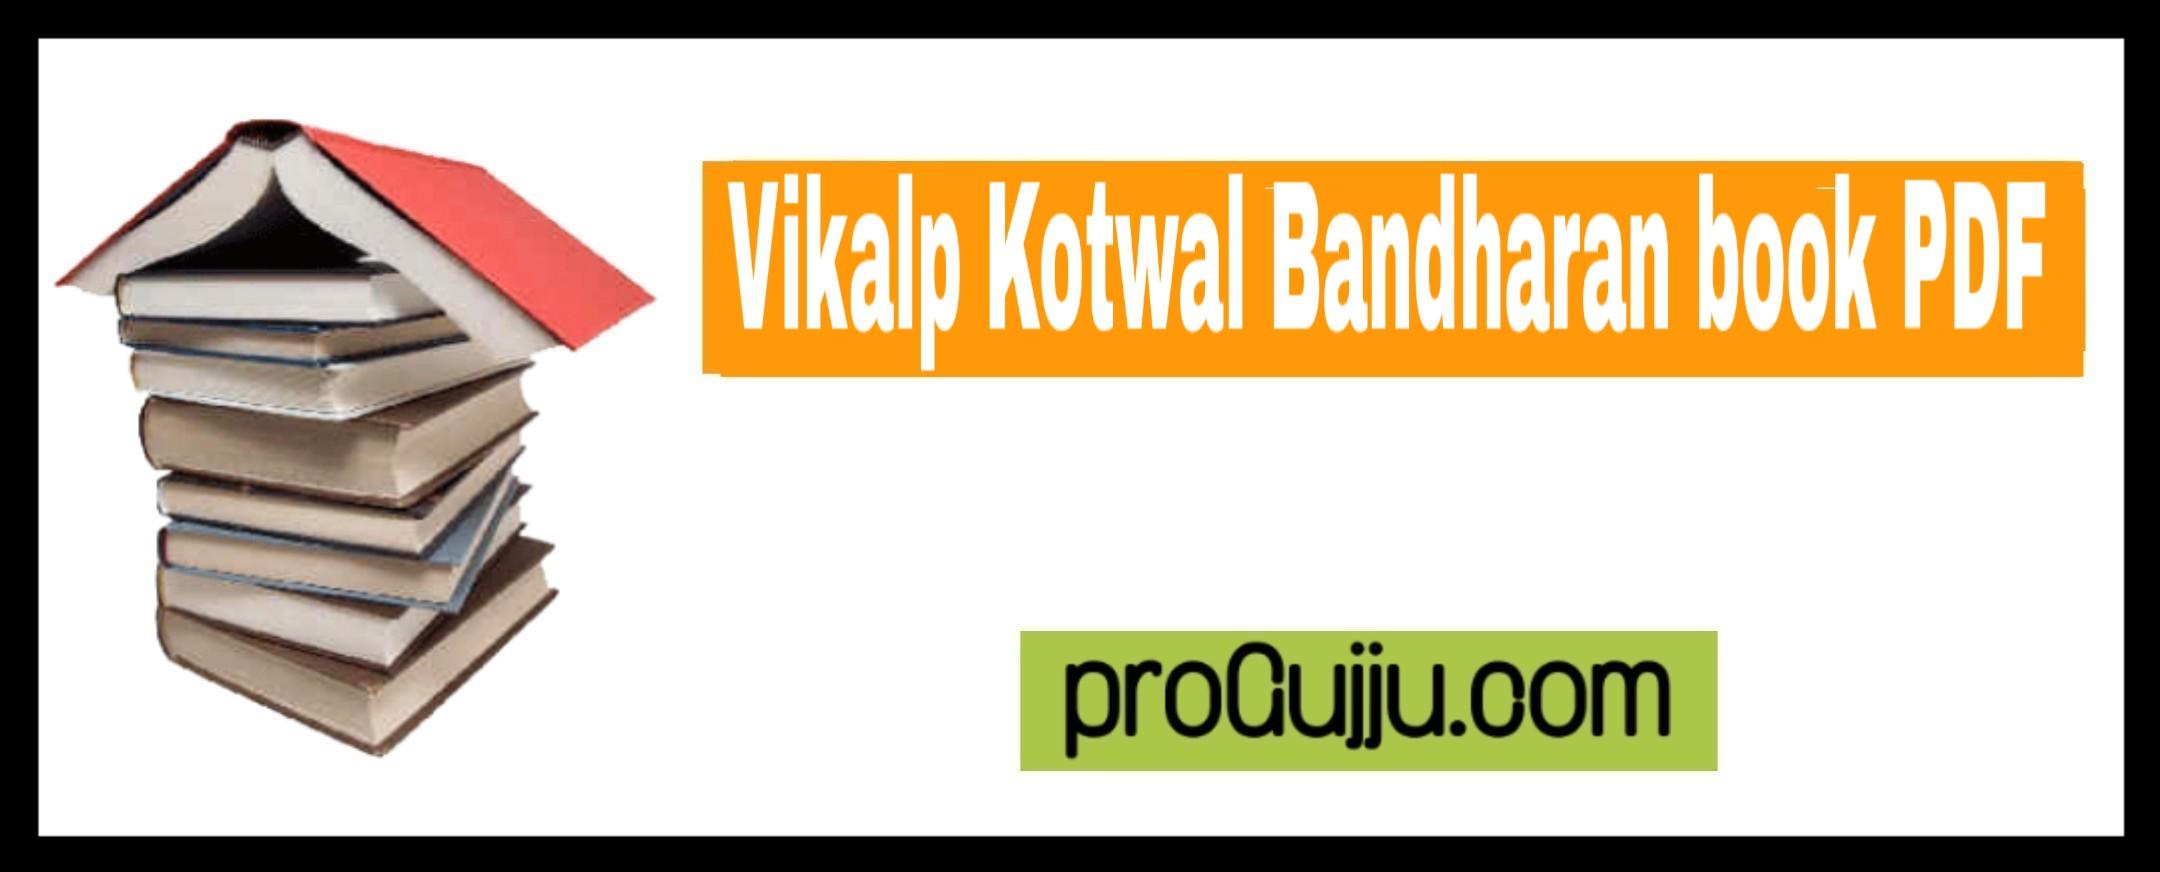 Vikalp Kotwal Bandharan Book PDF Download